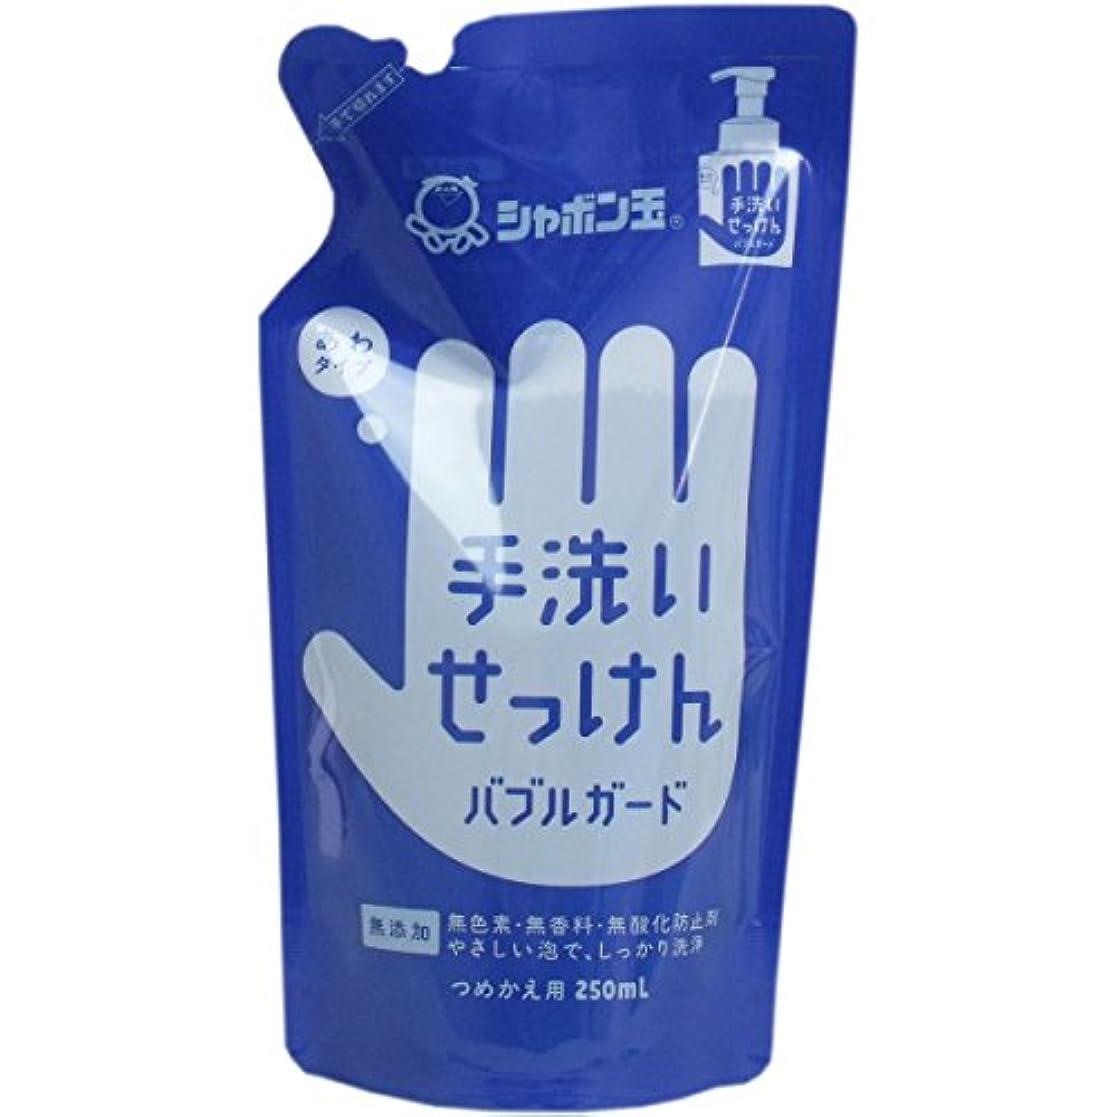 恨み大陸自動的にシャボン玉石けん 手洗いせっけん バブルガード 詰め替え用 250ml 【12個セット】